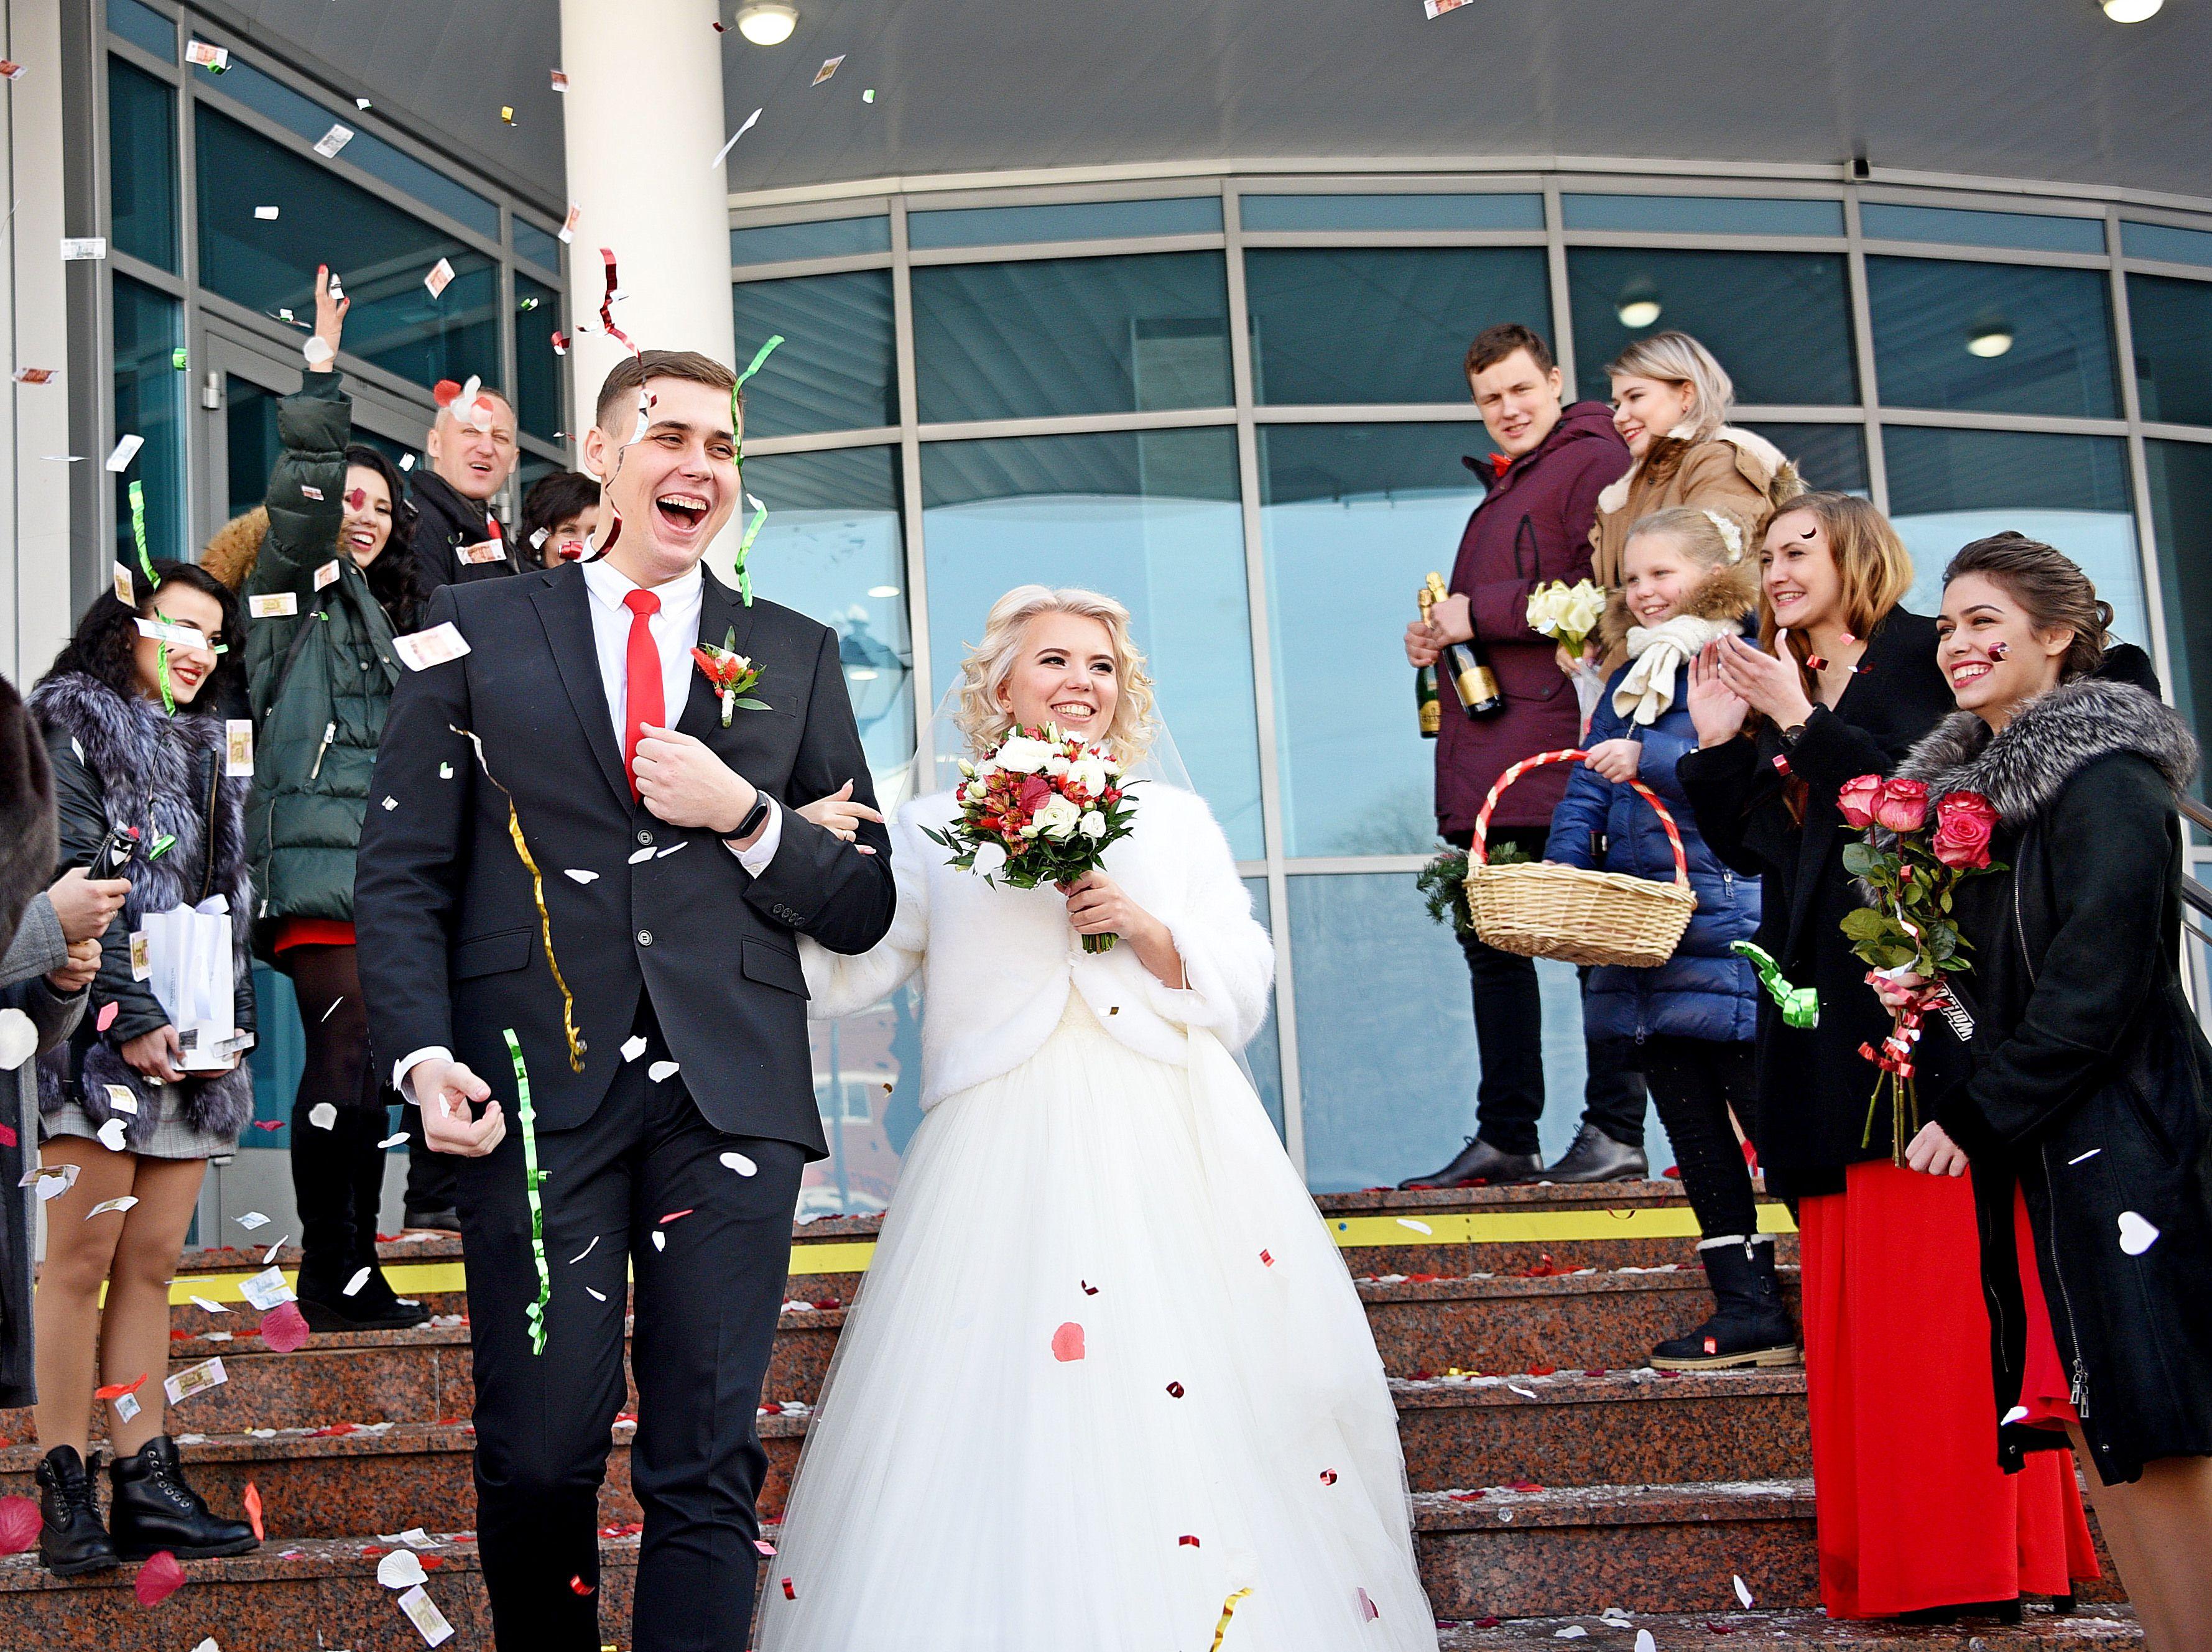 Москва подарила влюбленным 30 новых площадок для регистрации брака